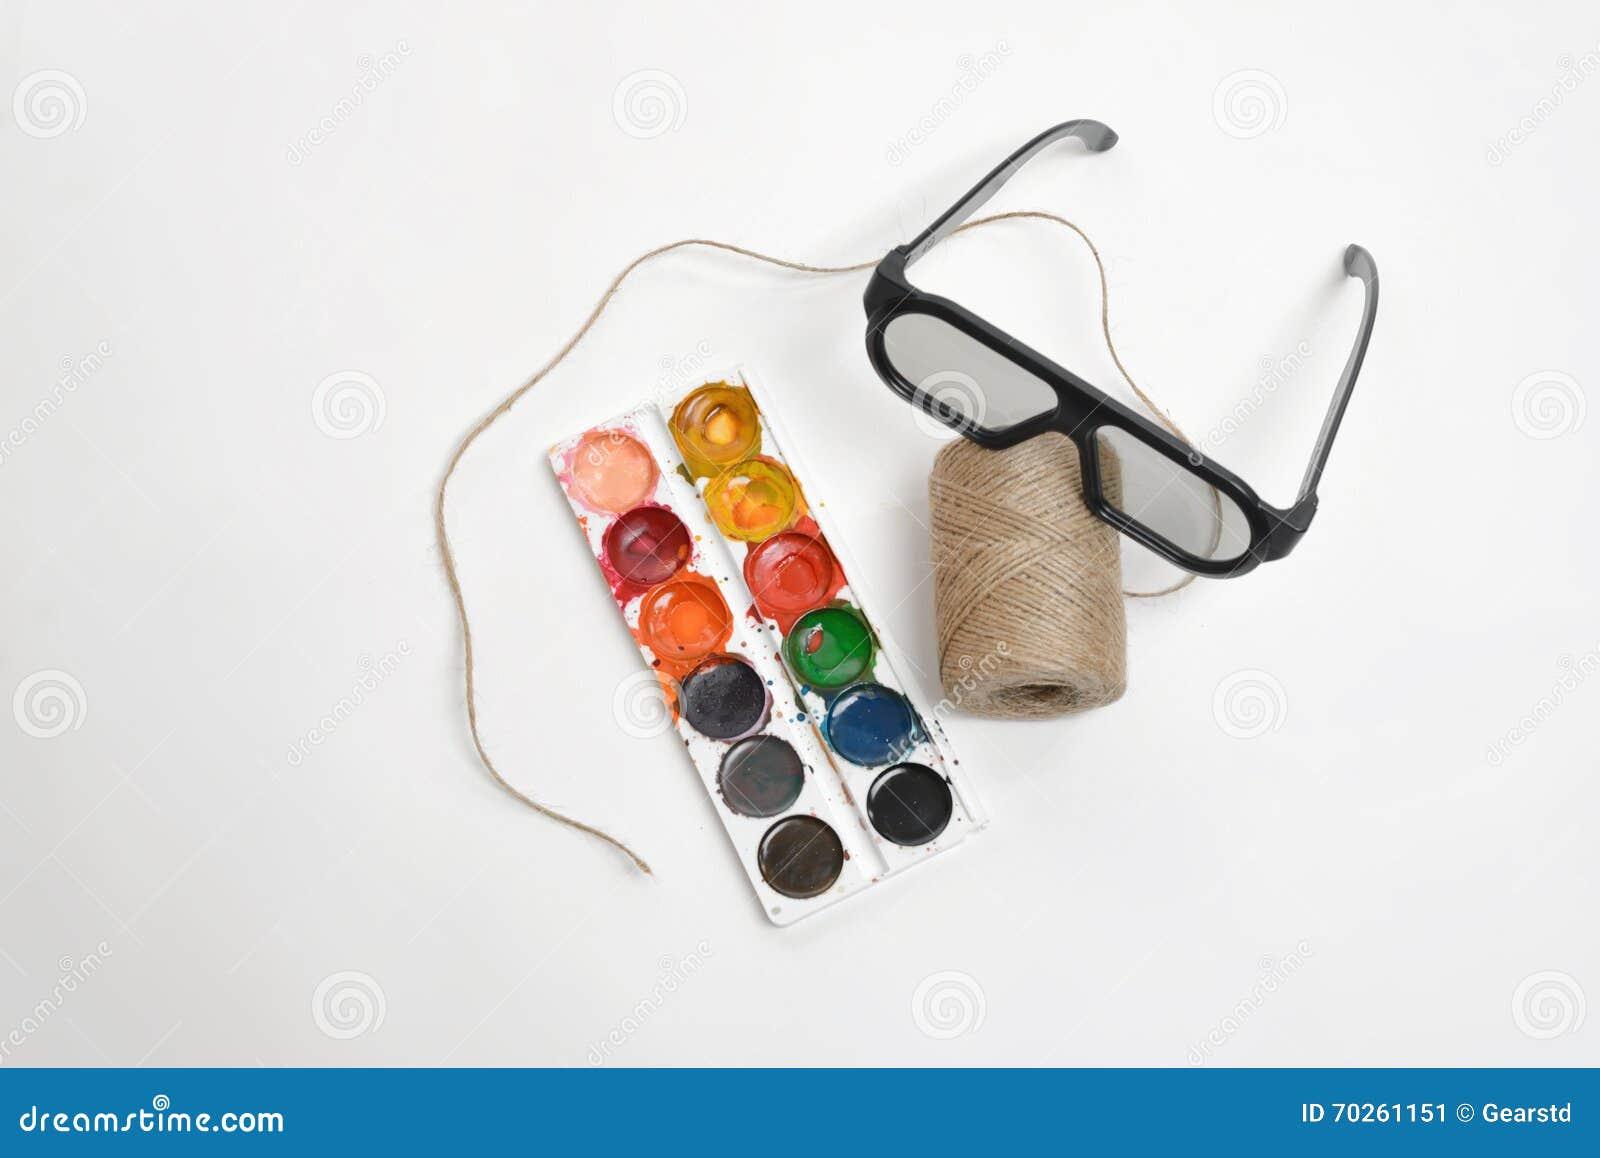 Draufsichtkunstszenenaufmachung der Threadschnur, der Gläser und der Aquarellfarben auf einem weißen Hintergrund